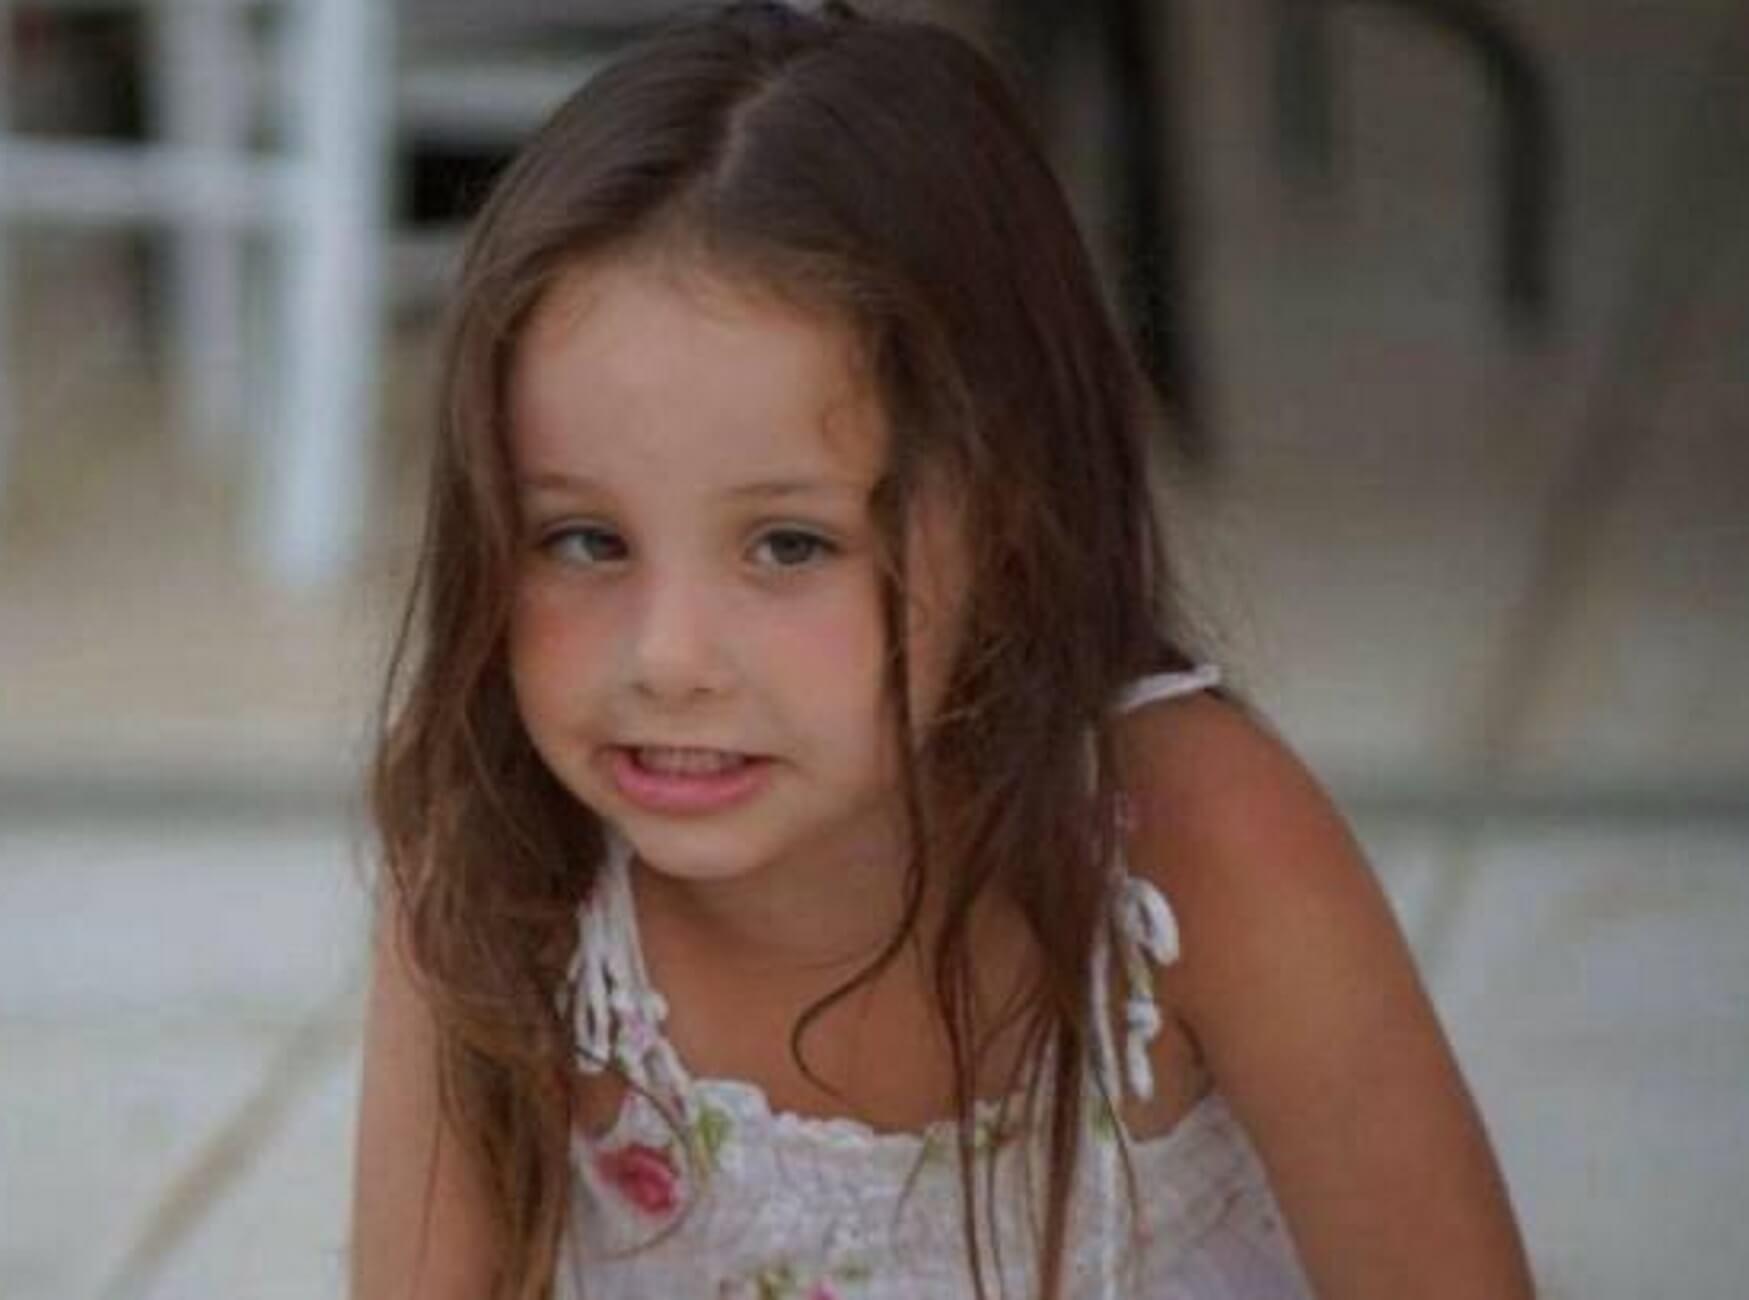 """Κρήτη: Στο εδώλιο η αναισθησιολόγος για τον θάνατο της μικρής Μελίνας σε επέμβαση για """"κρεατάκια""""!"""